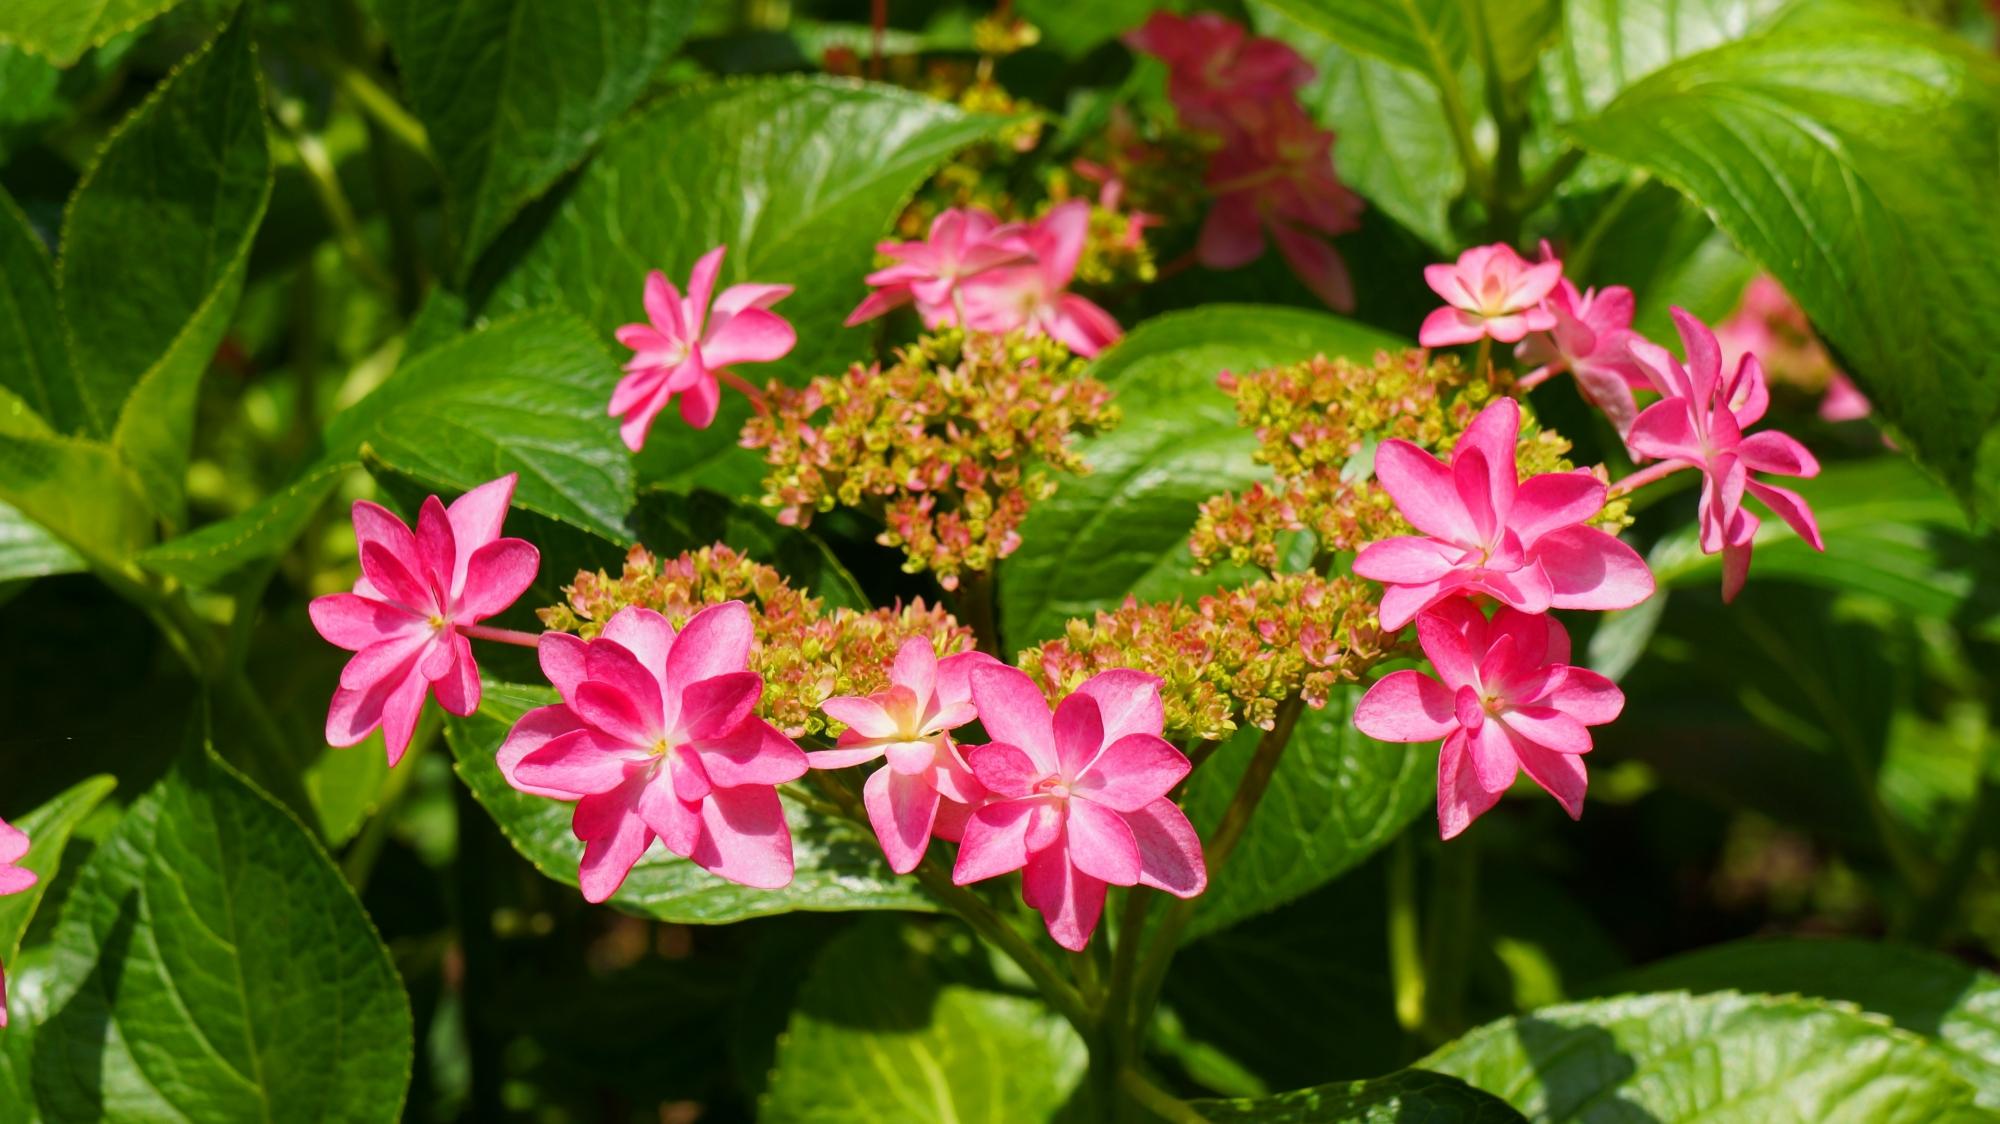 緑の葉の上で賑やかに咲き誇る三室戸寺のホシアジサイ